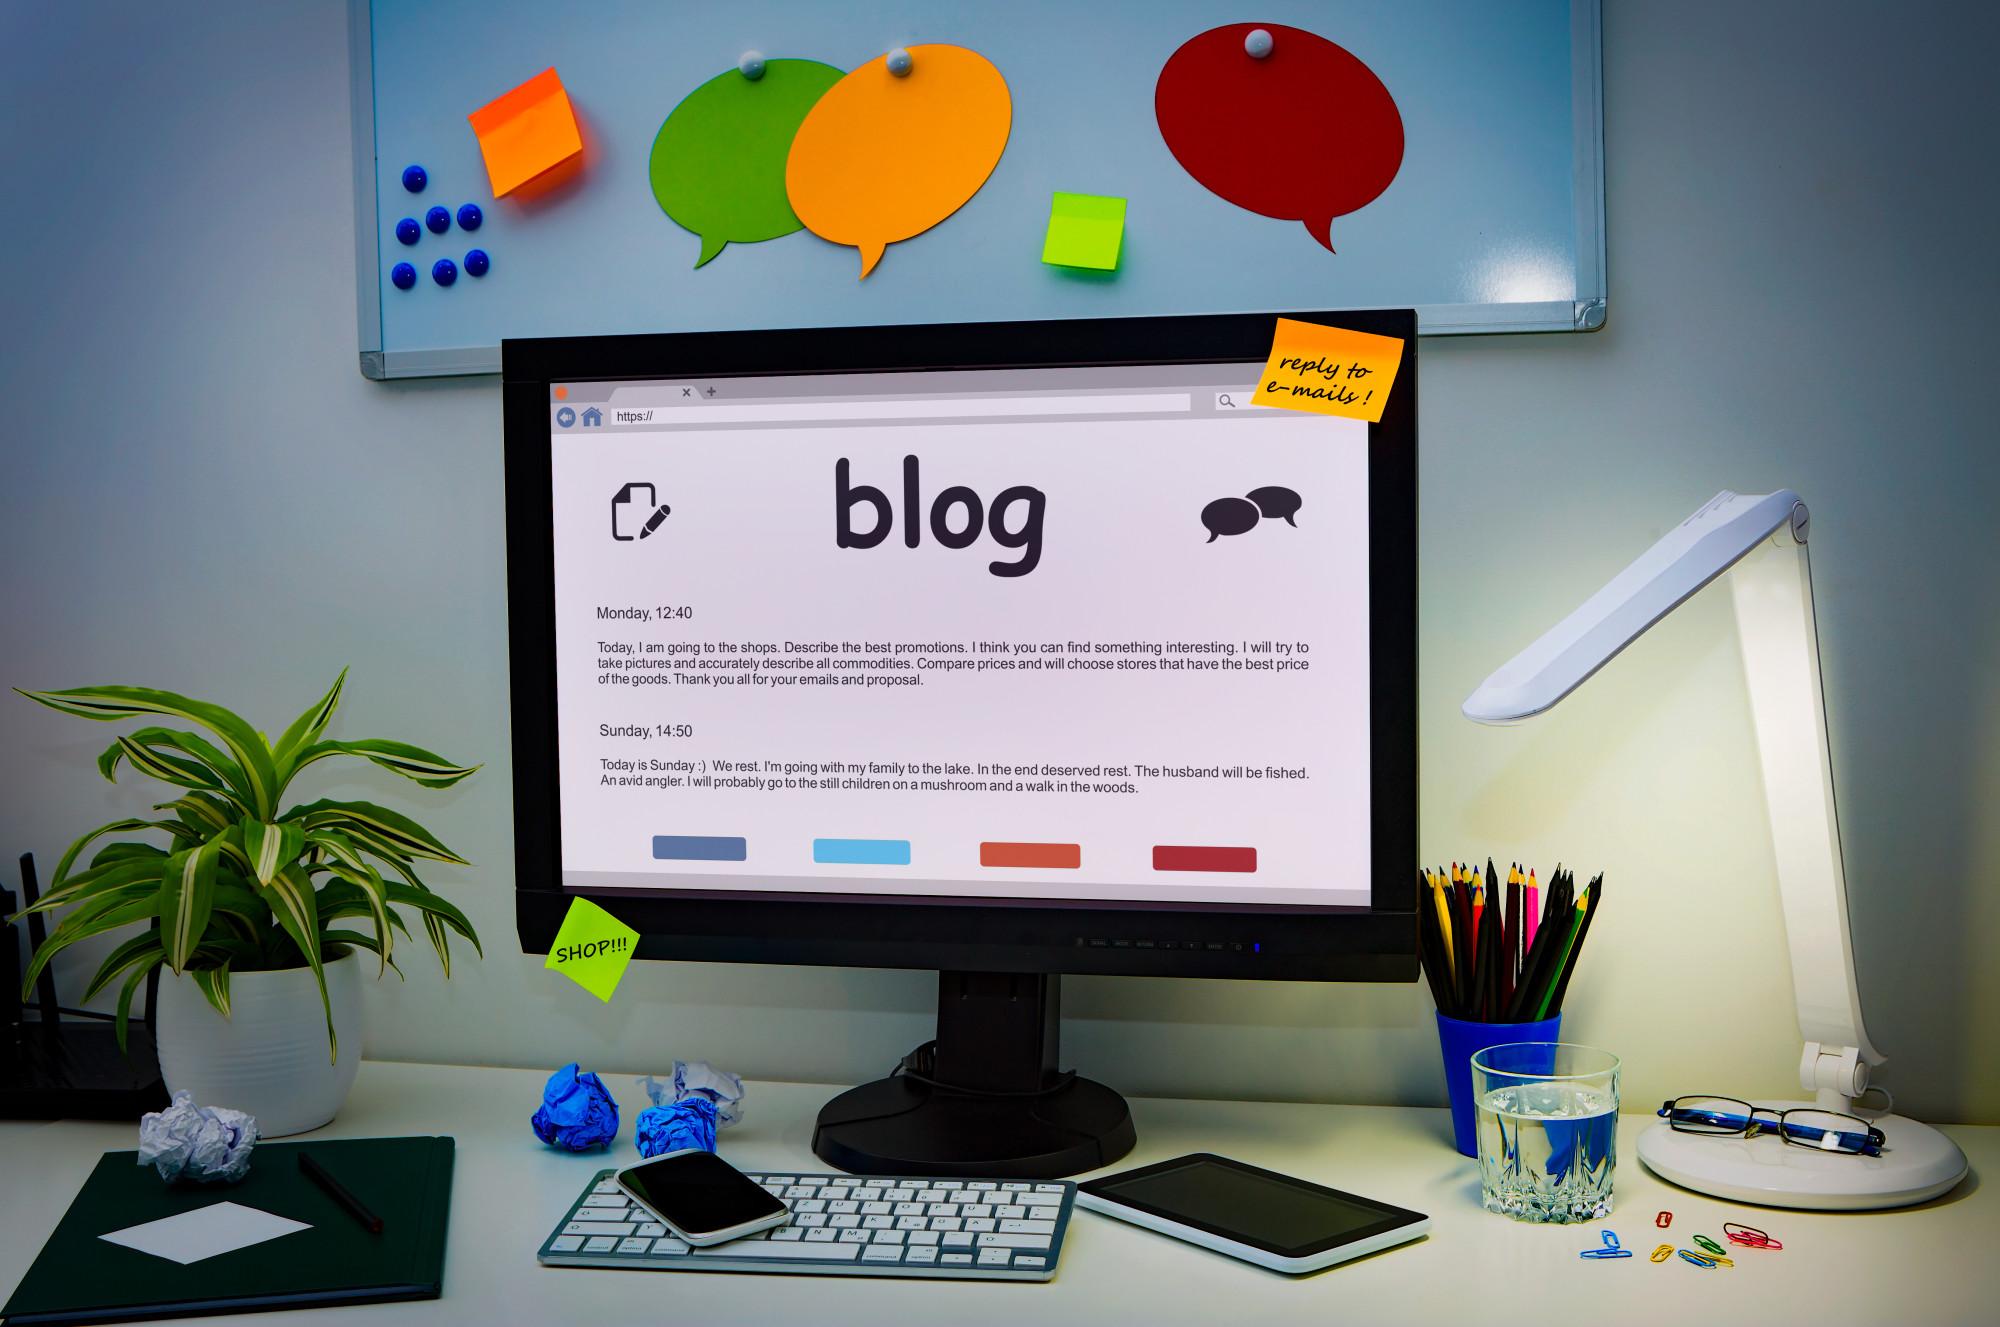 Blog Publicity